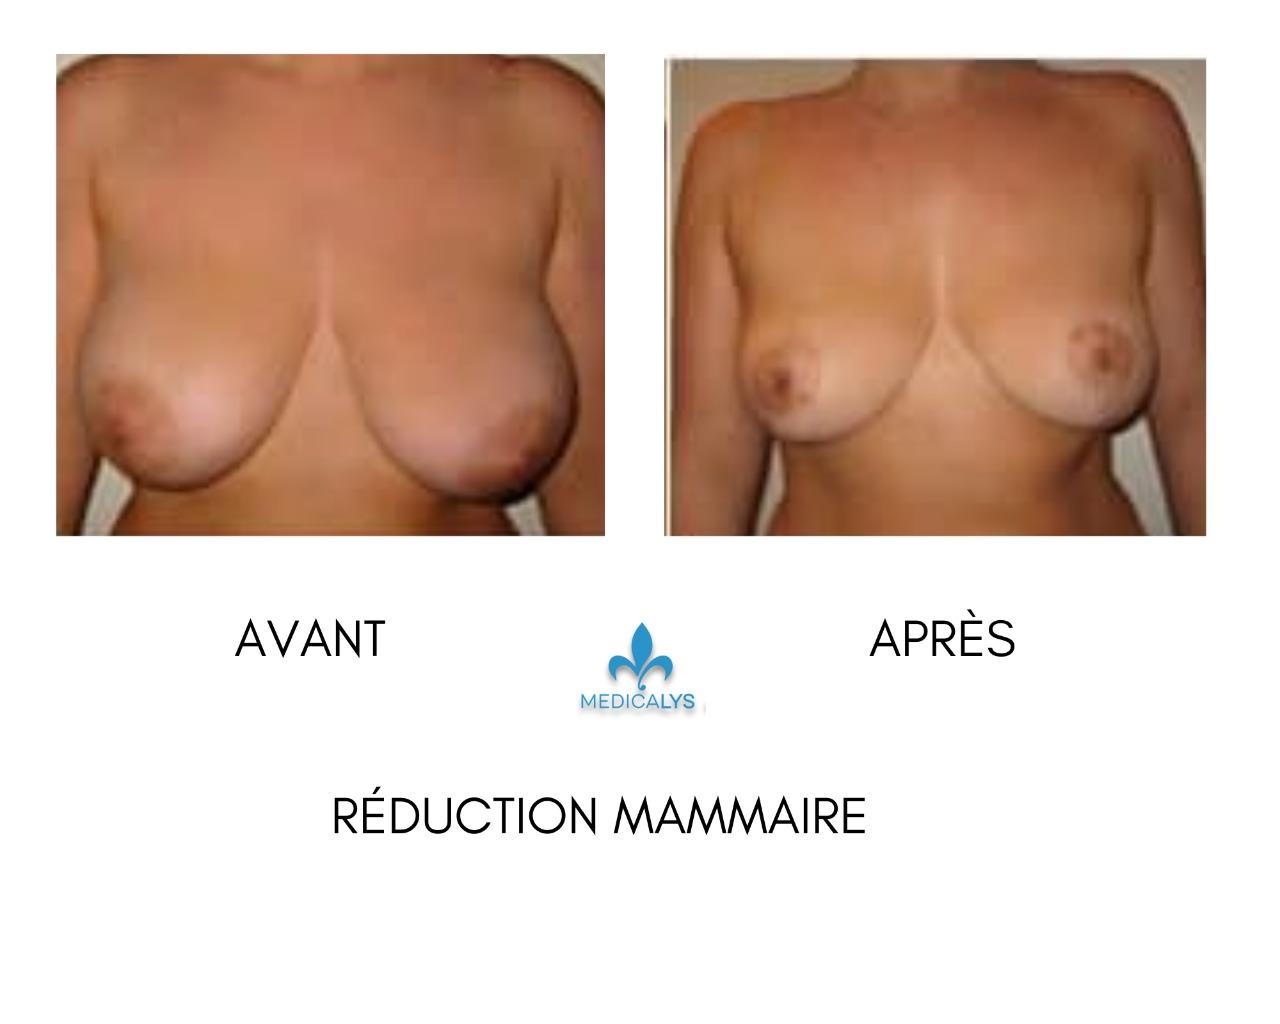 Réduction mammaire avant apres